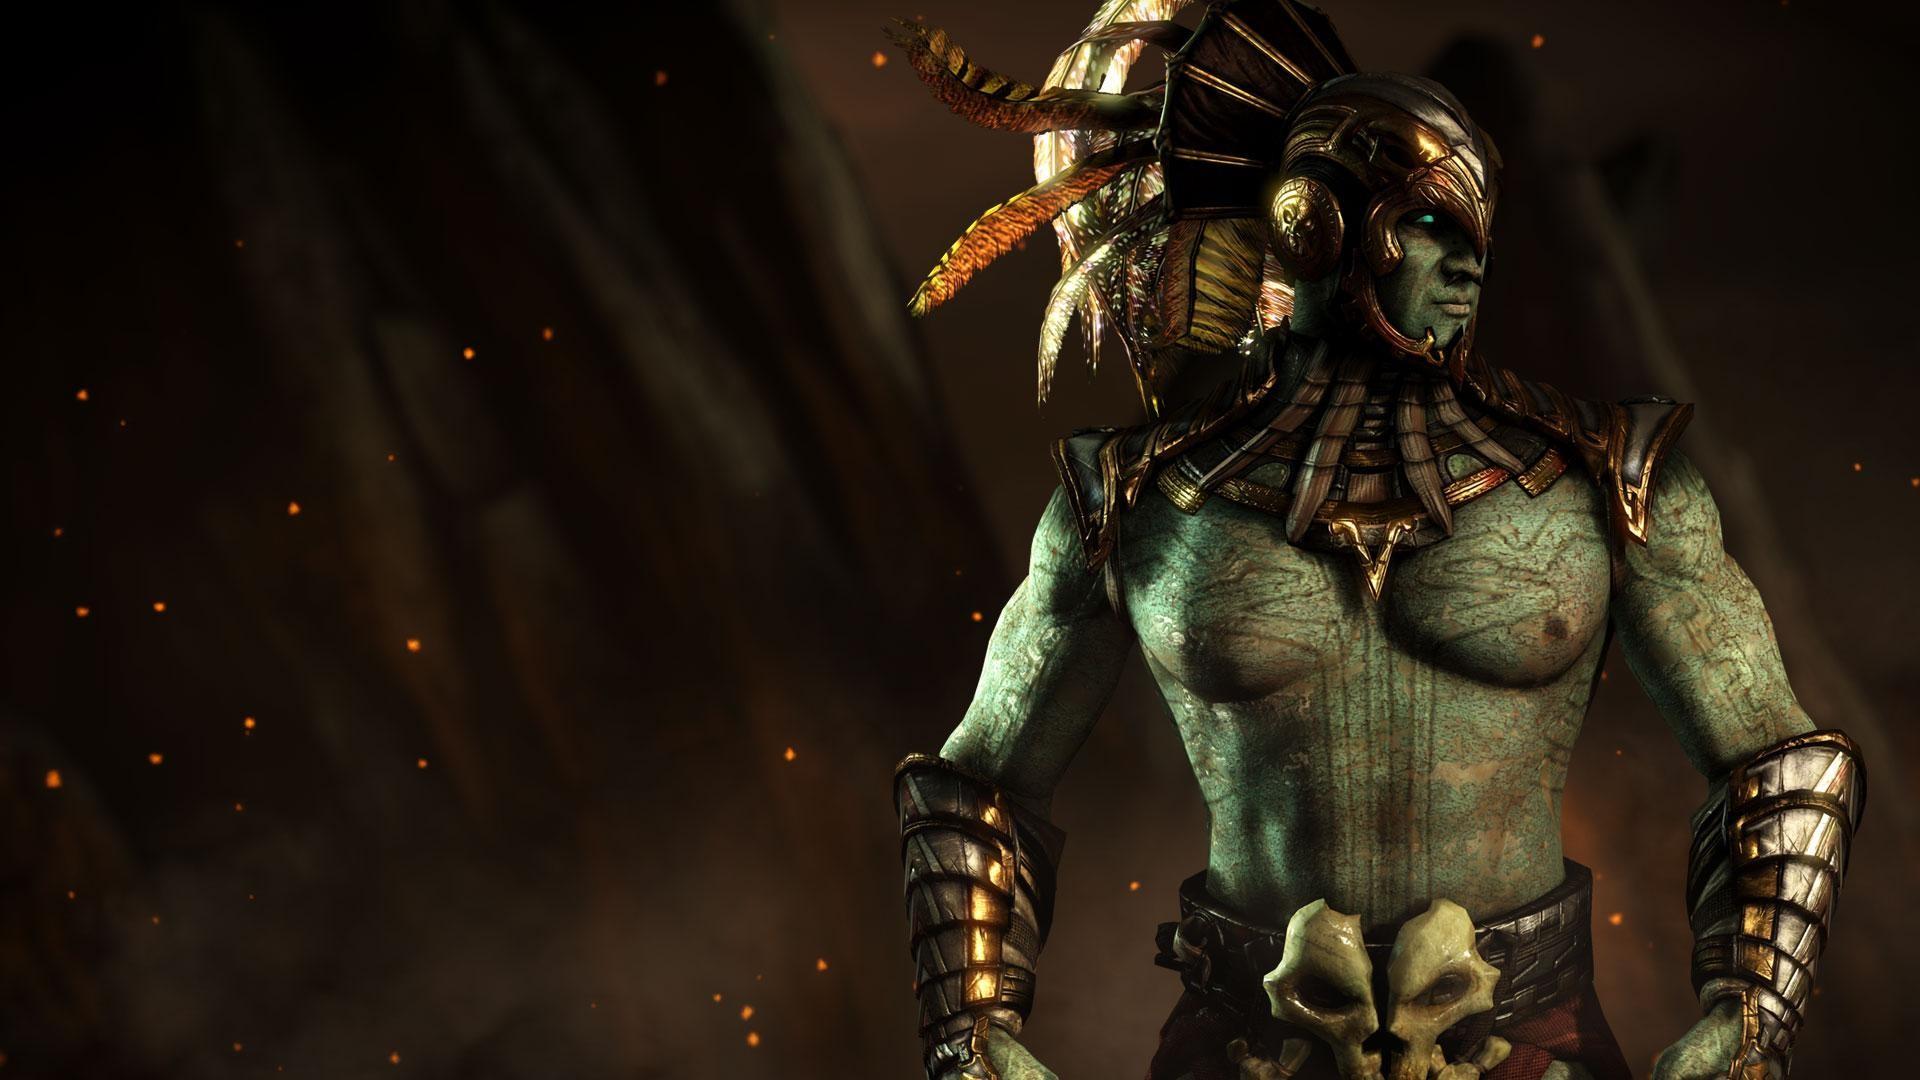 Mortal Kombat X — Kotal Khan